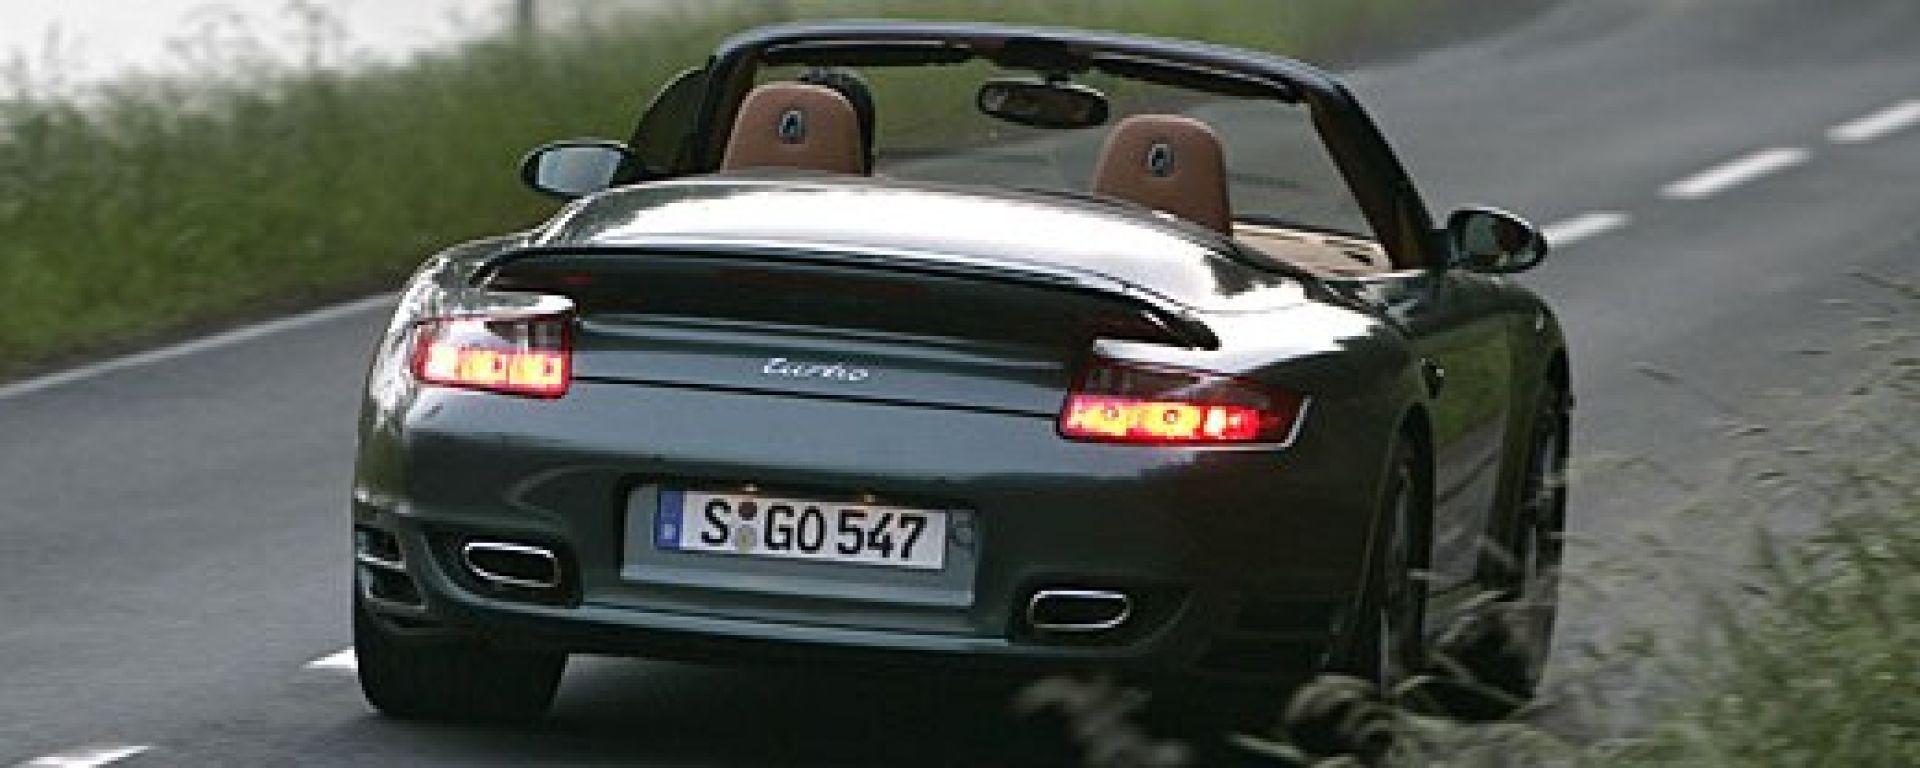 Prova  Porsche 911 Turbo Cabrio - MotorBox 60b08f52e6f2